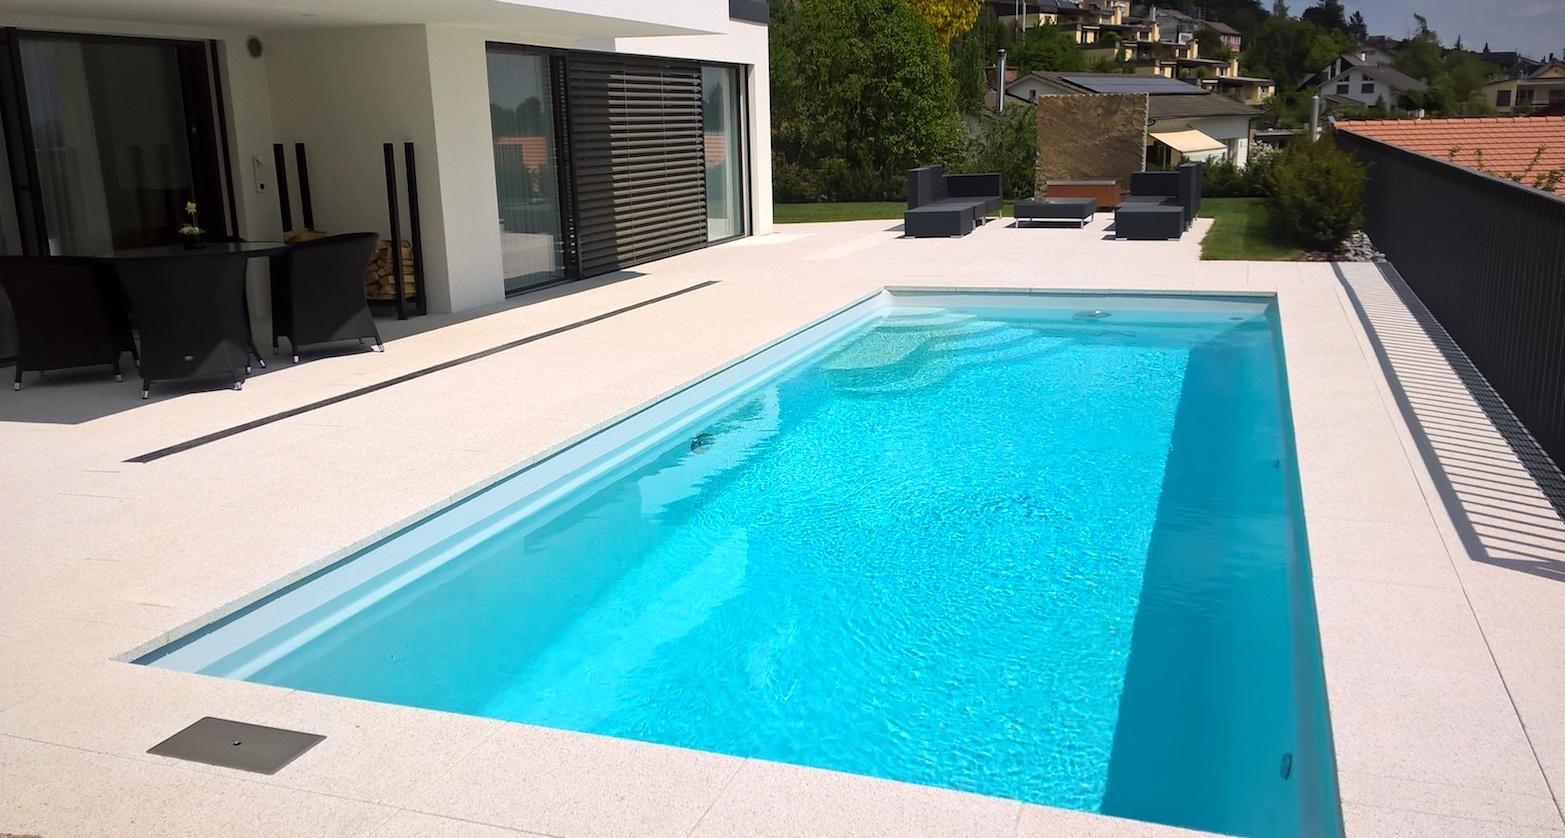 Riscaldamento piscina la soluzione per professionisti al problema dell 39 acqua fredda - Acqua orecchie piscina ...